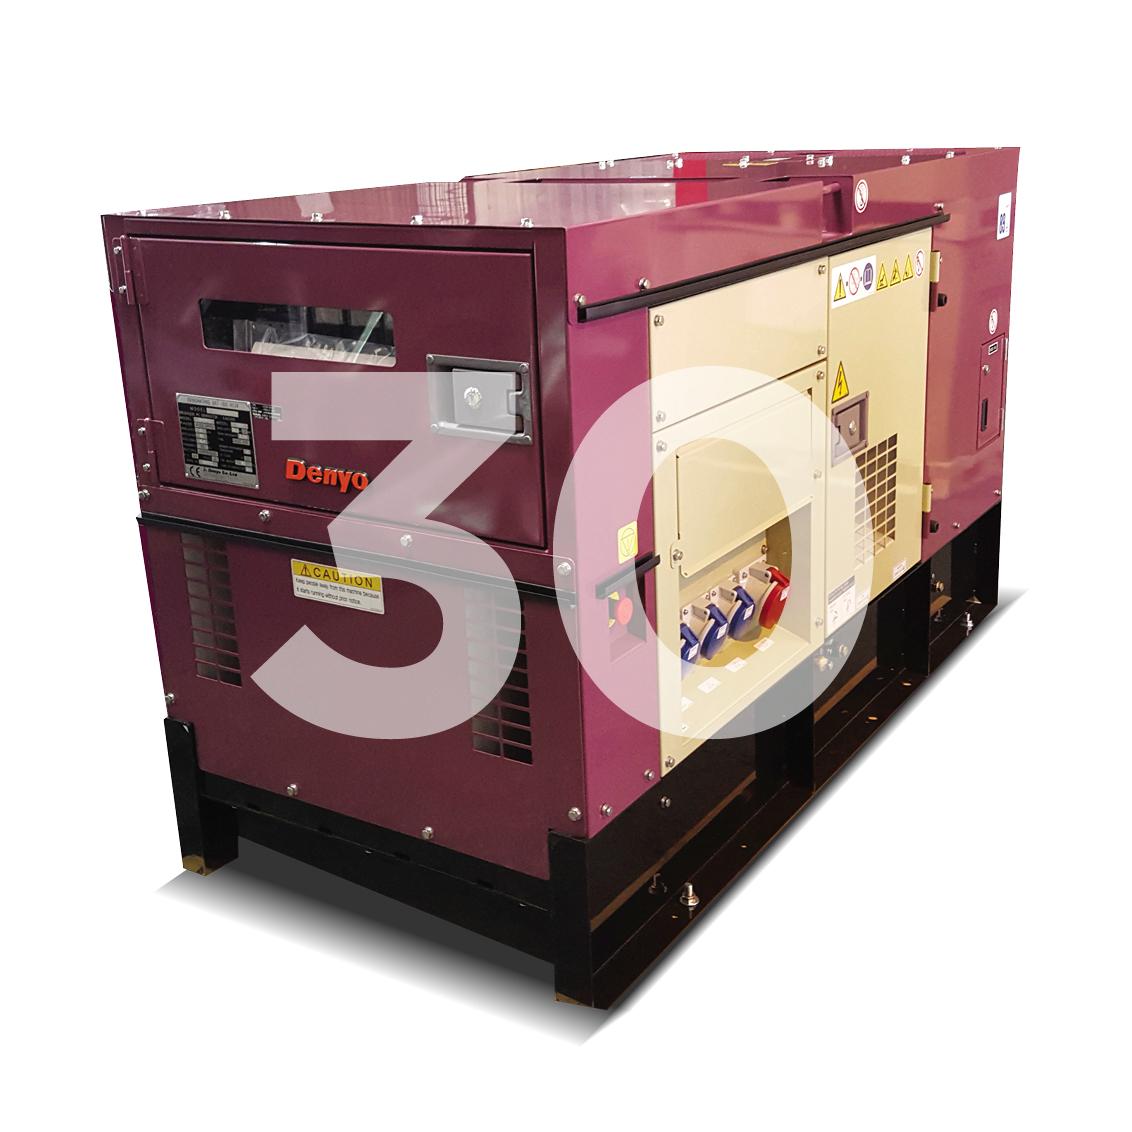 Denyo Renta 30KVA Diesel Generator